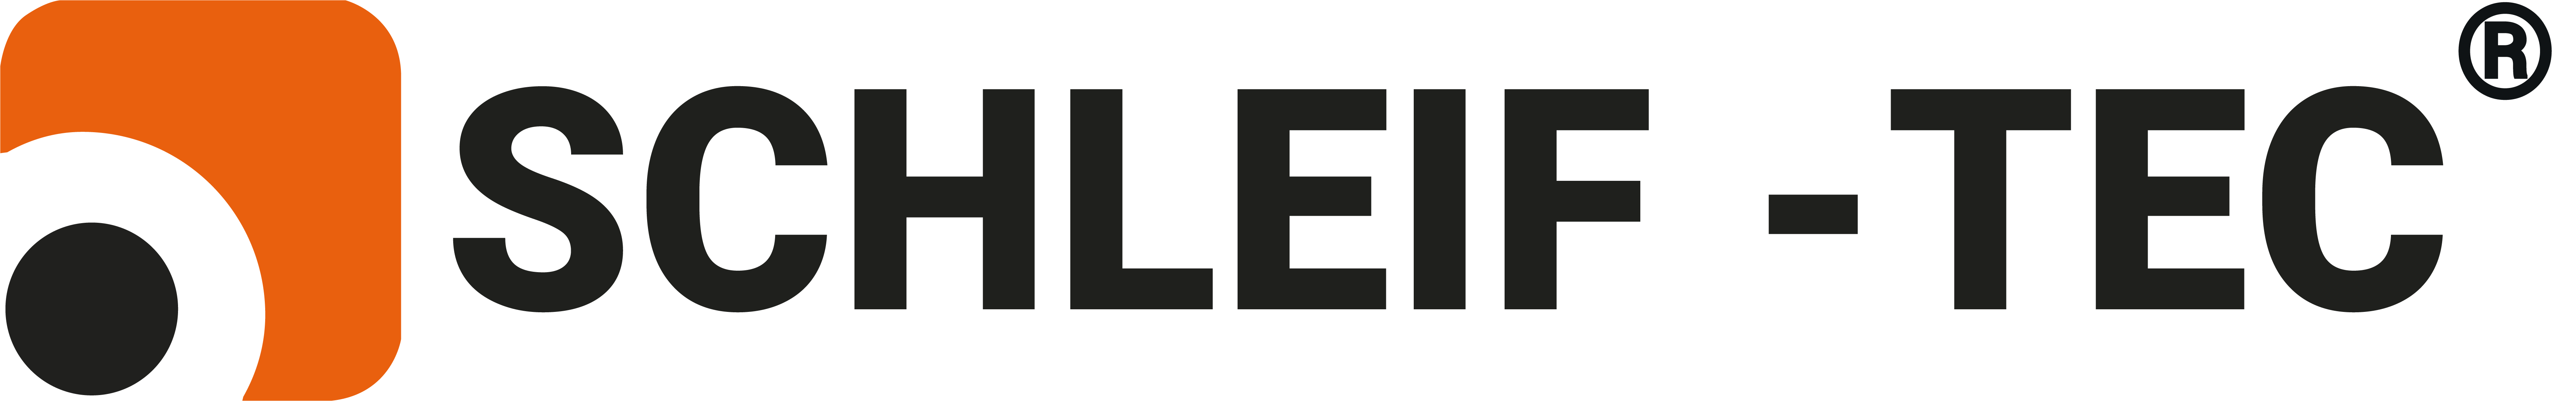 SCHLEIF-TEC - Präzisionsschleifen und Zerspanung